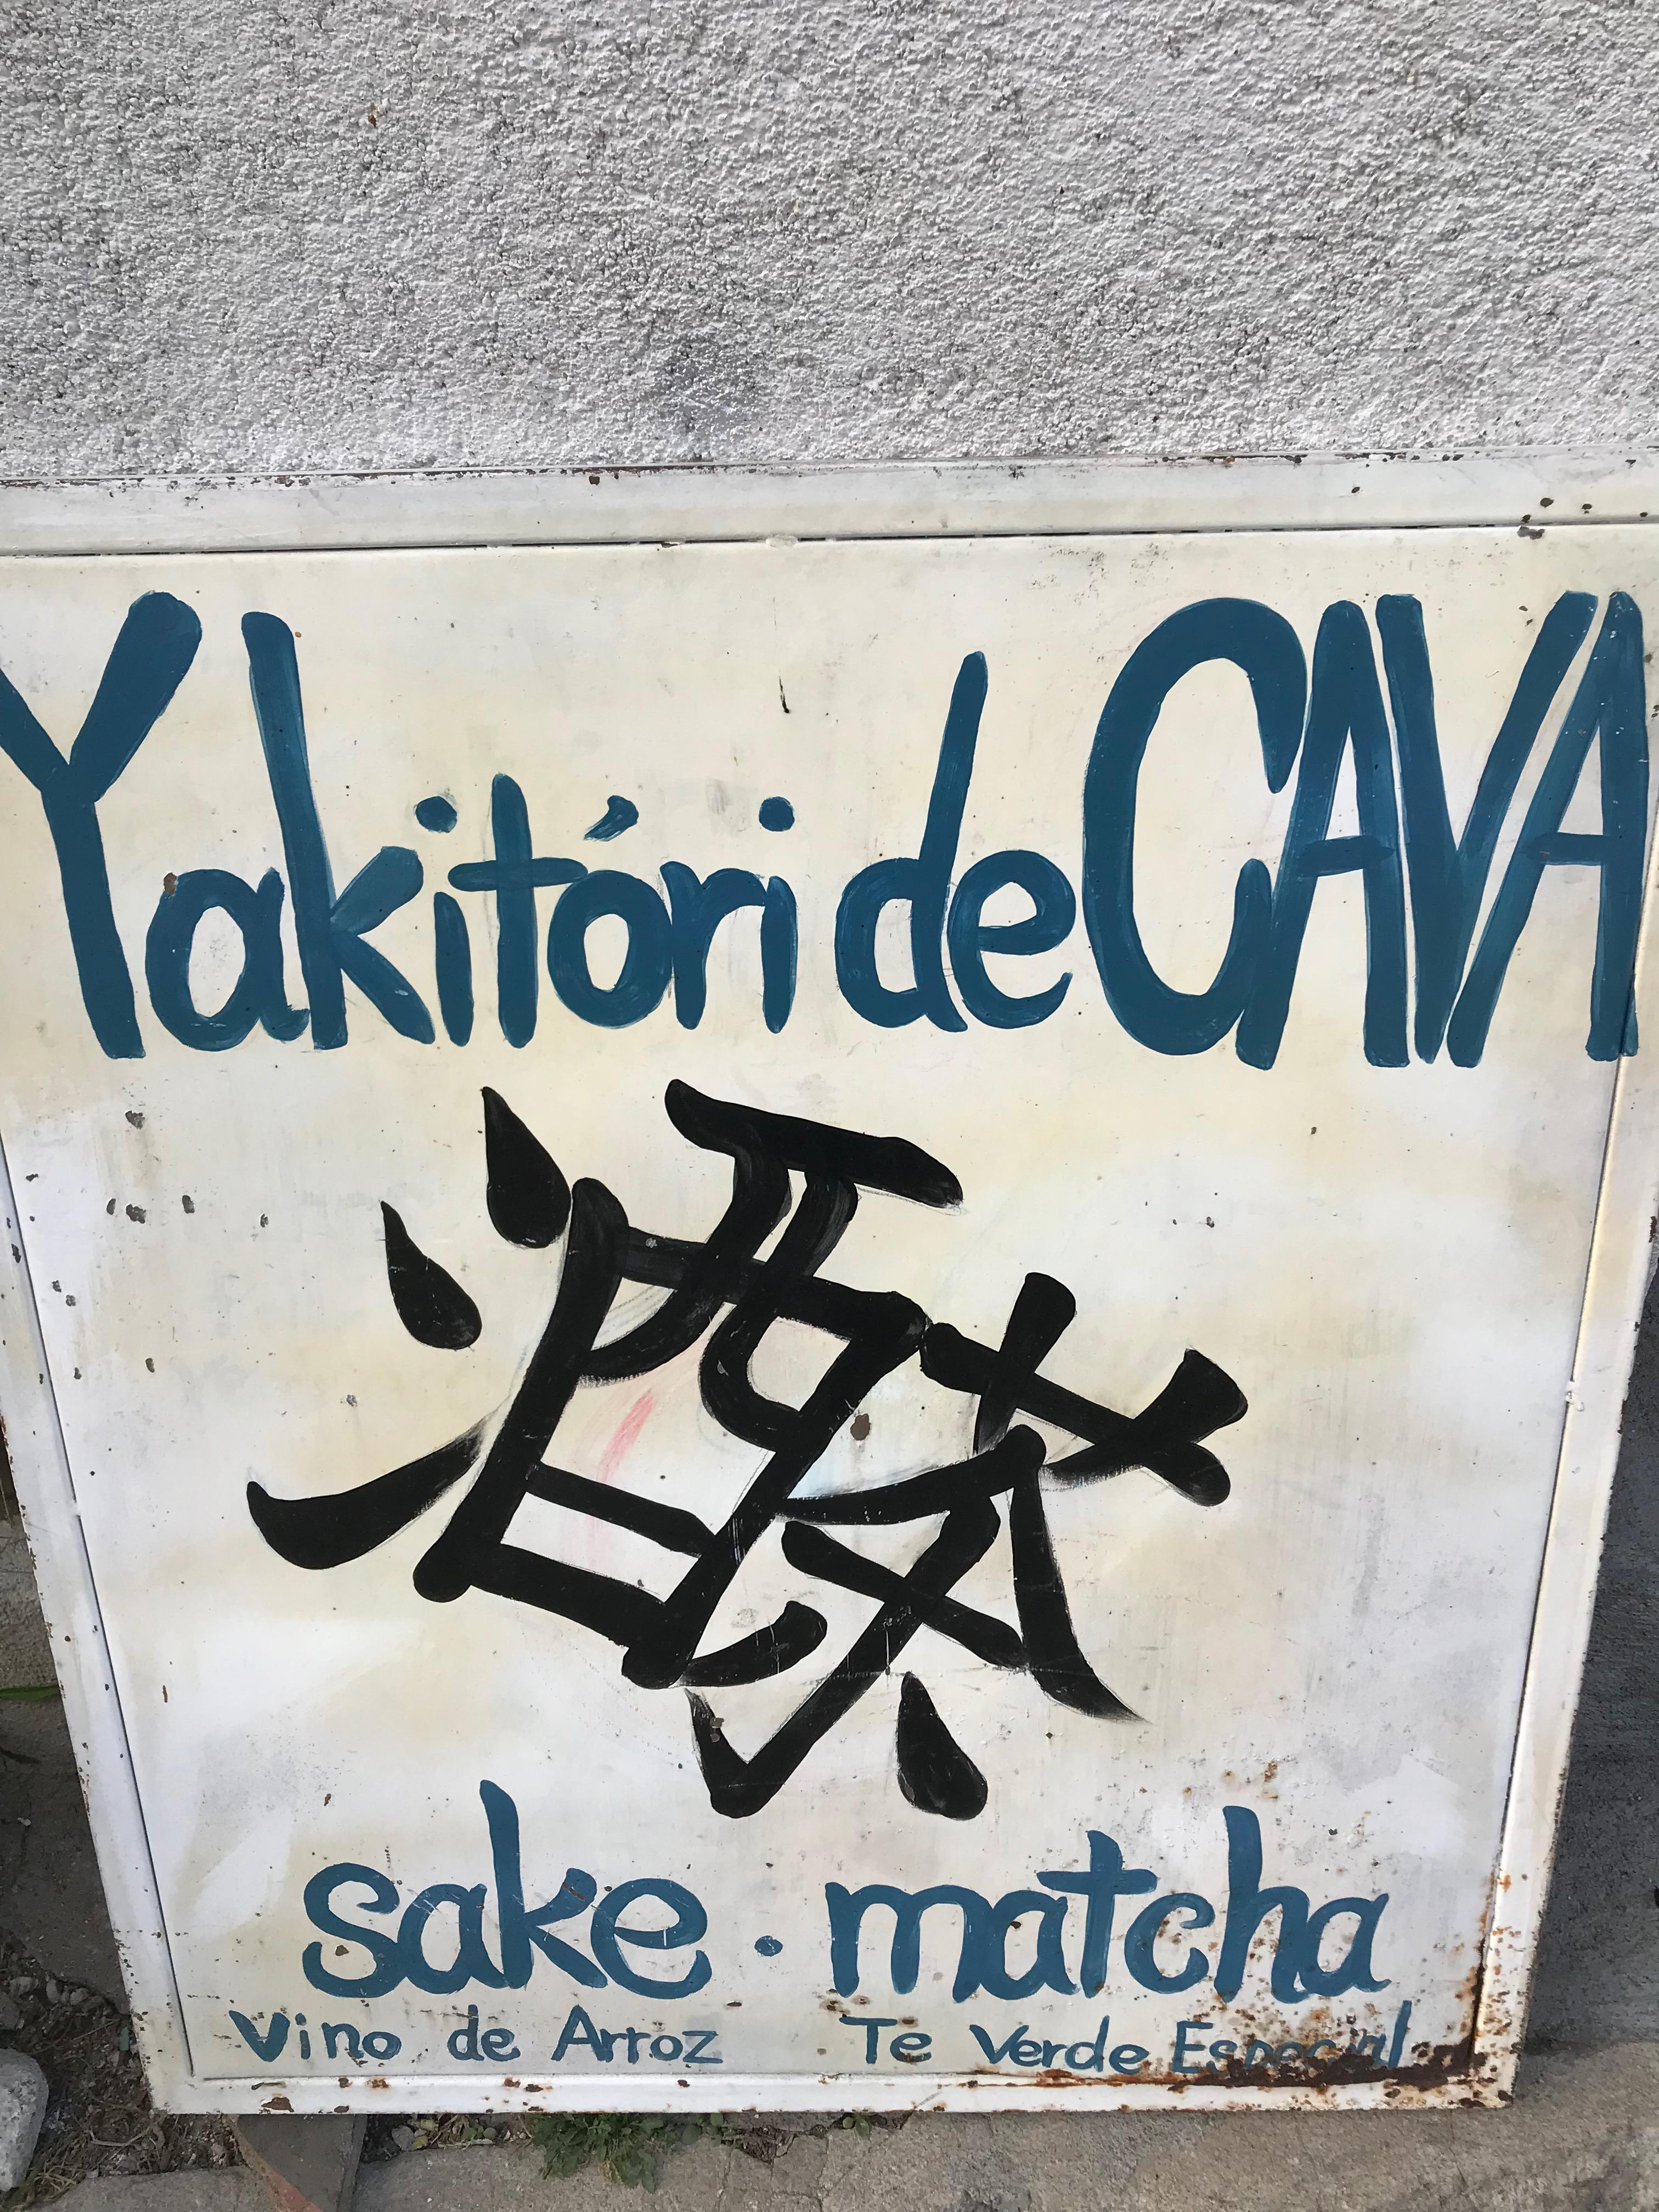 Yakitóri de Cava